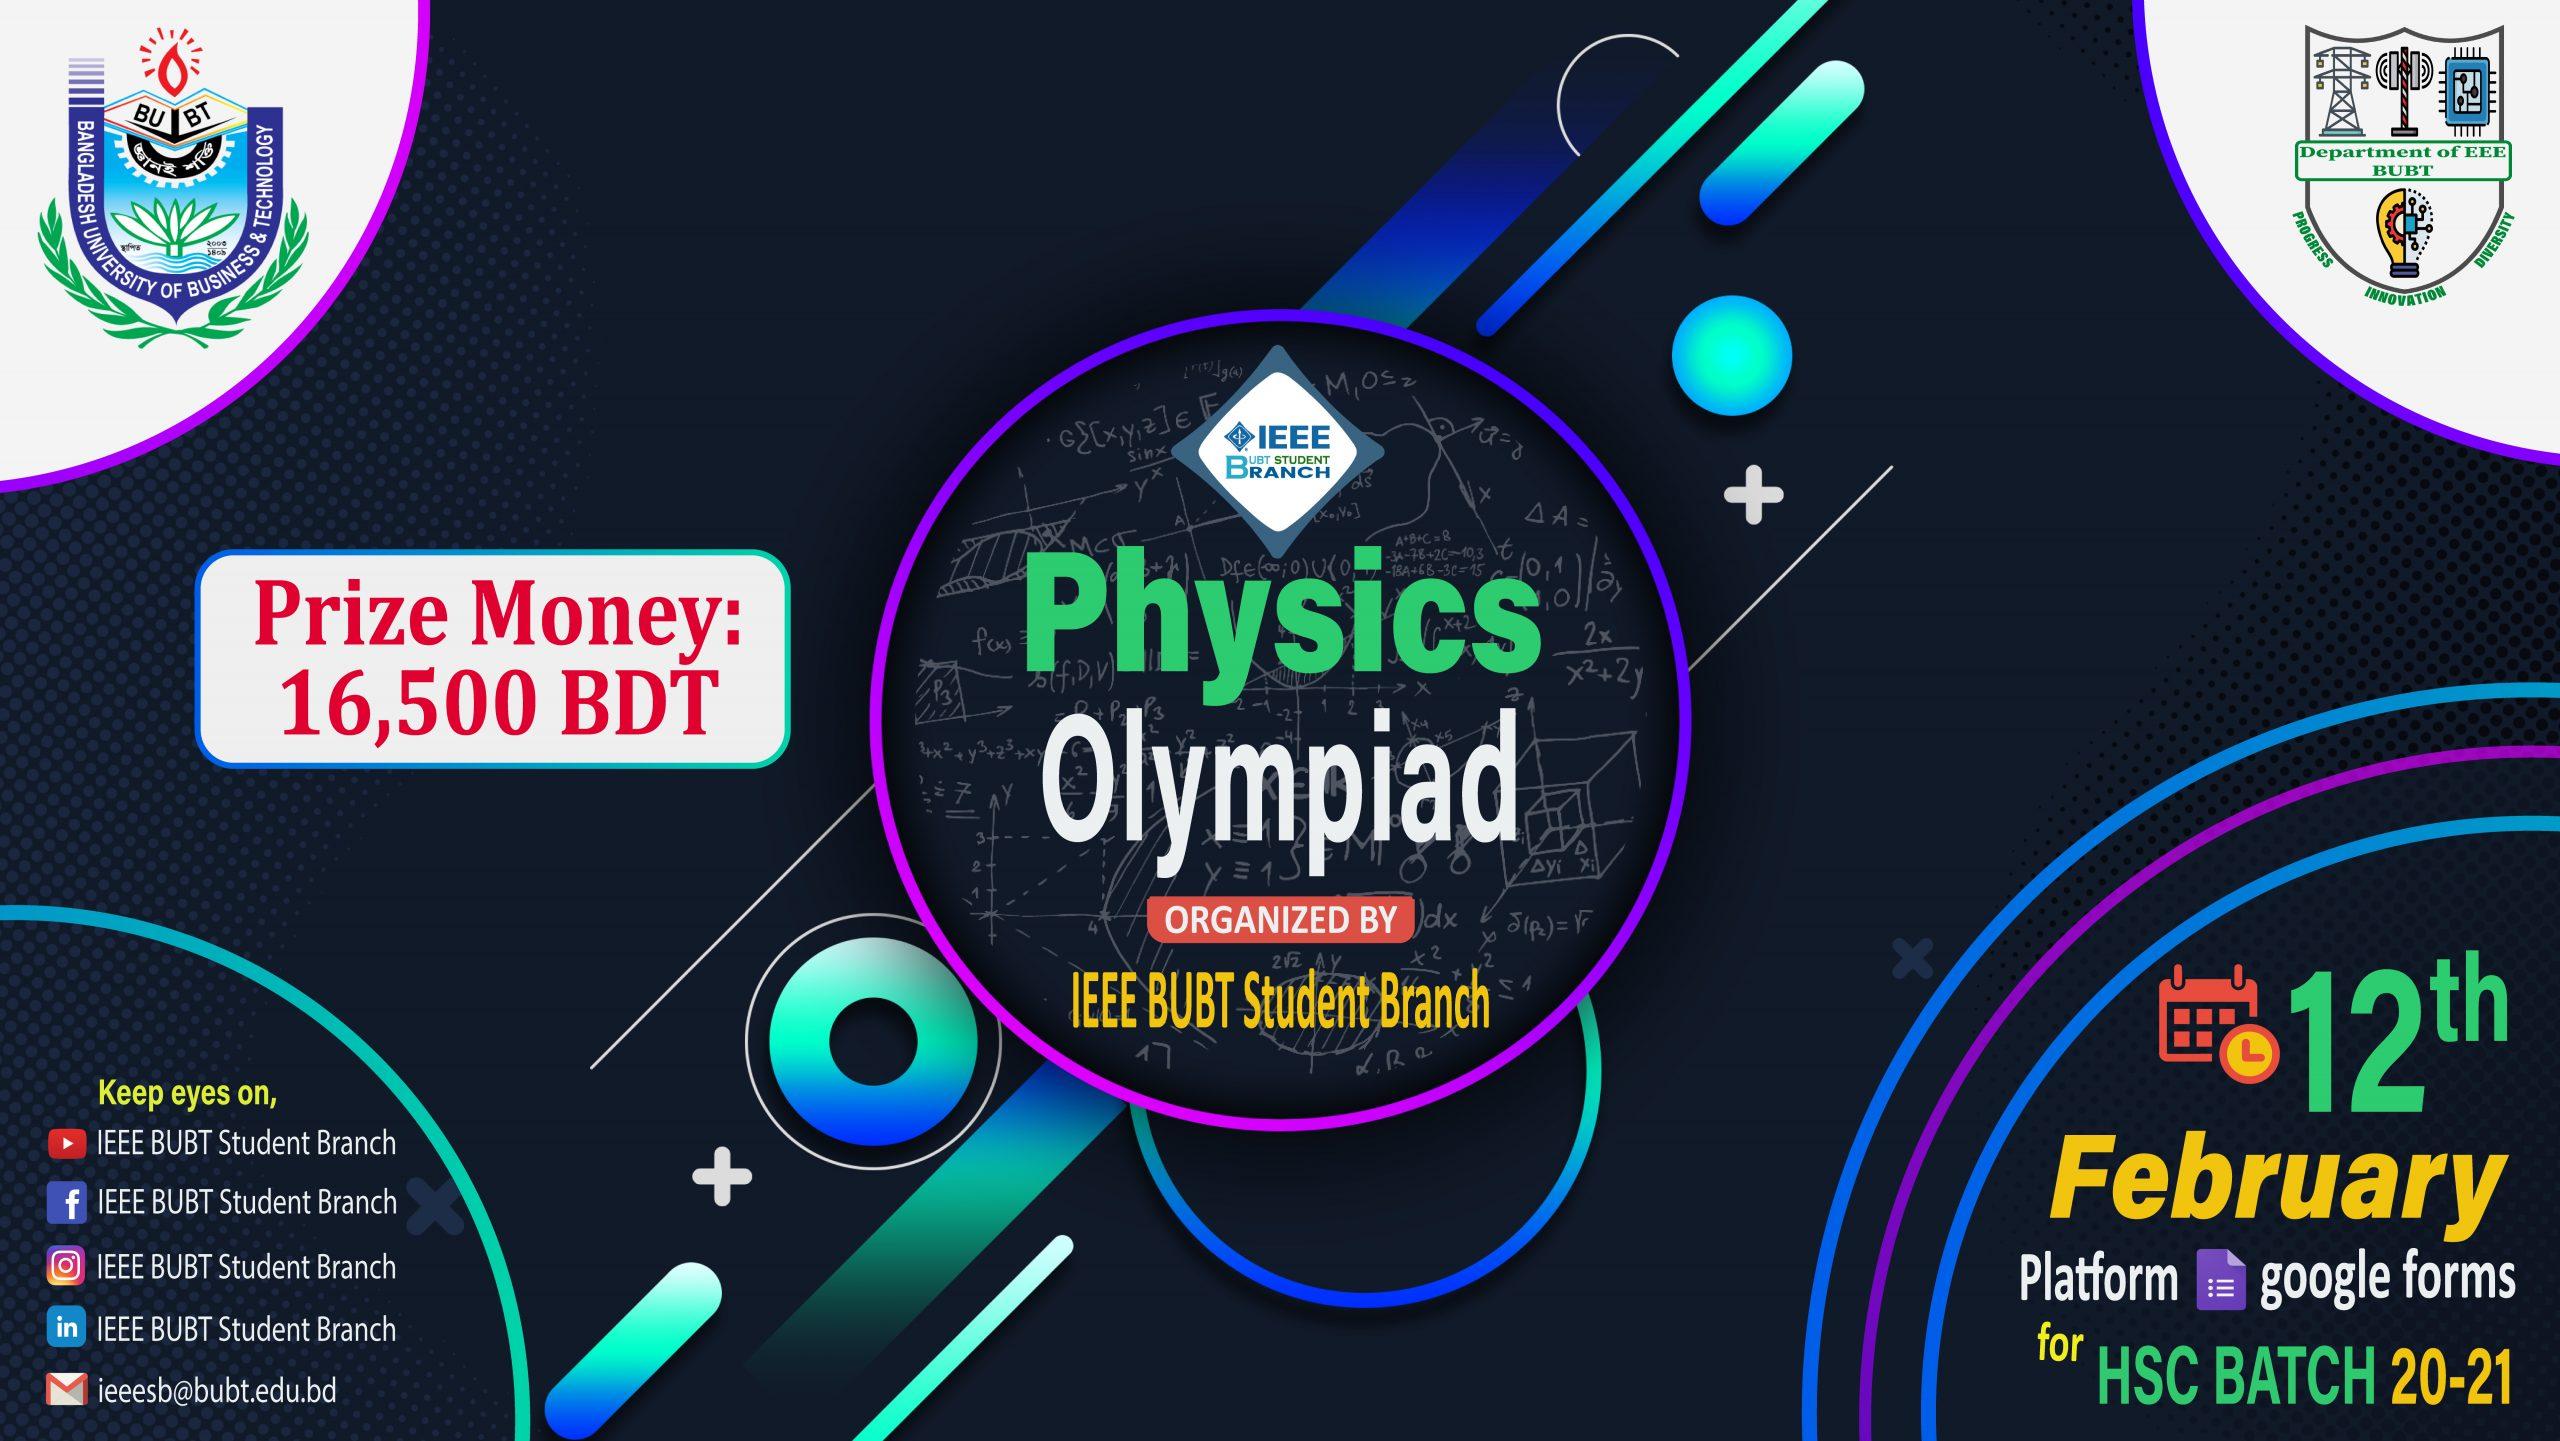 Physics Olympiad for HSC Batch 20-21